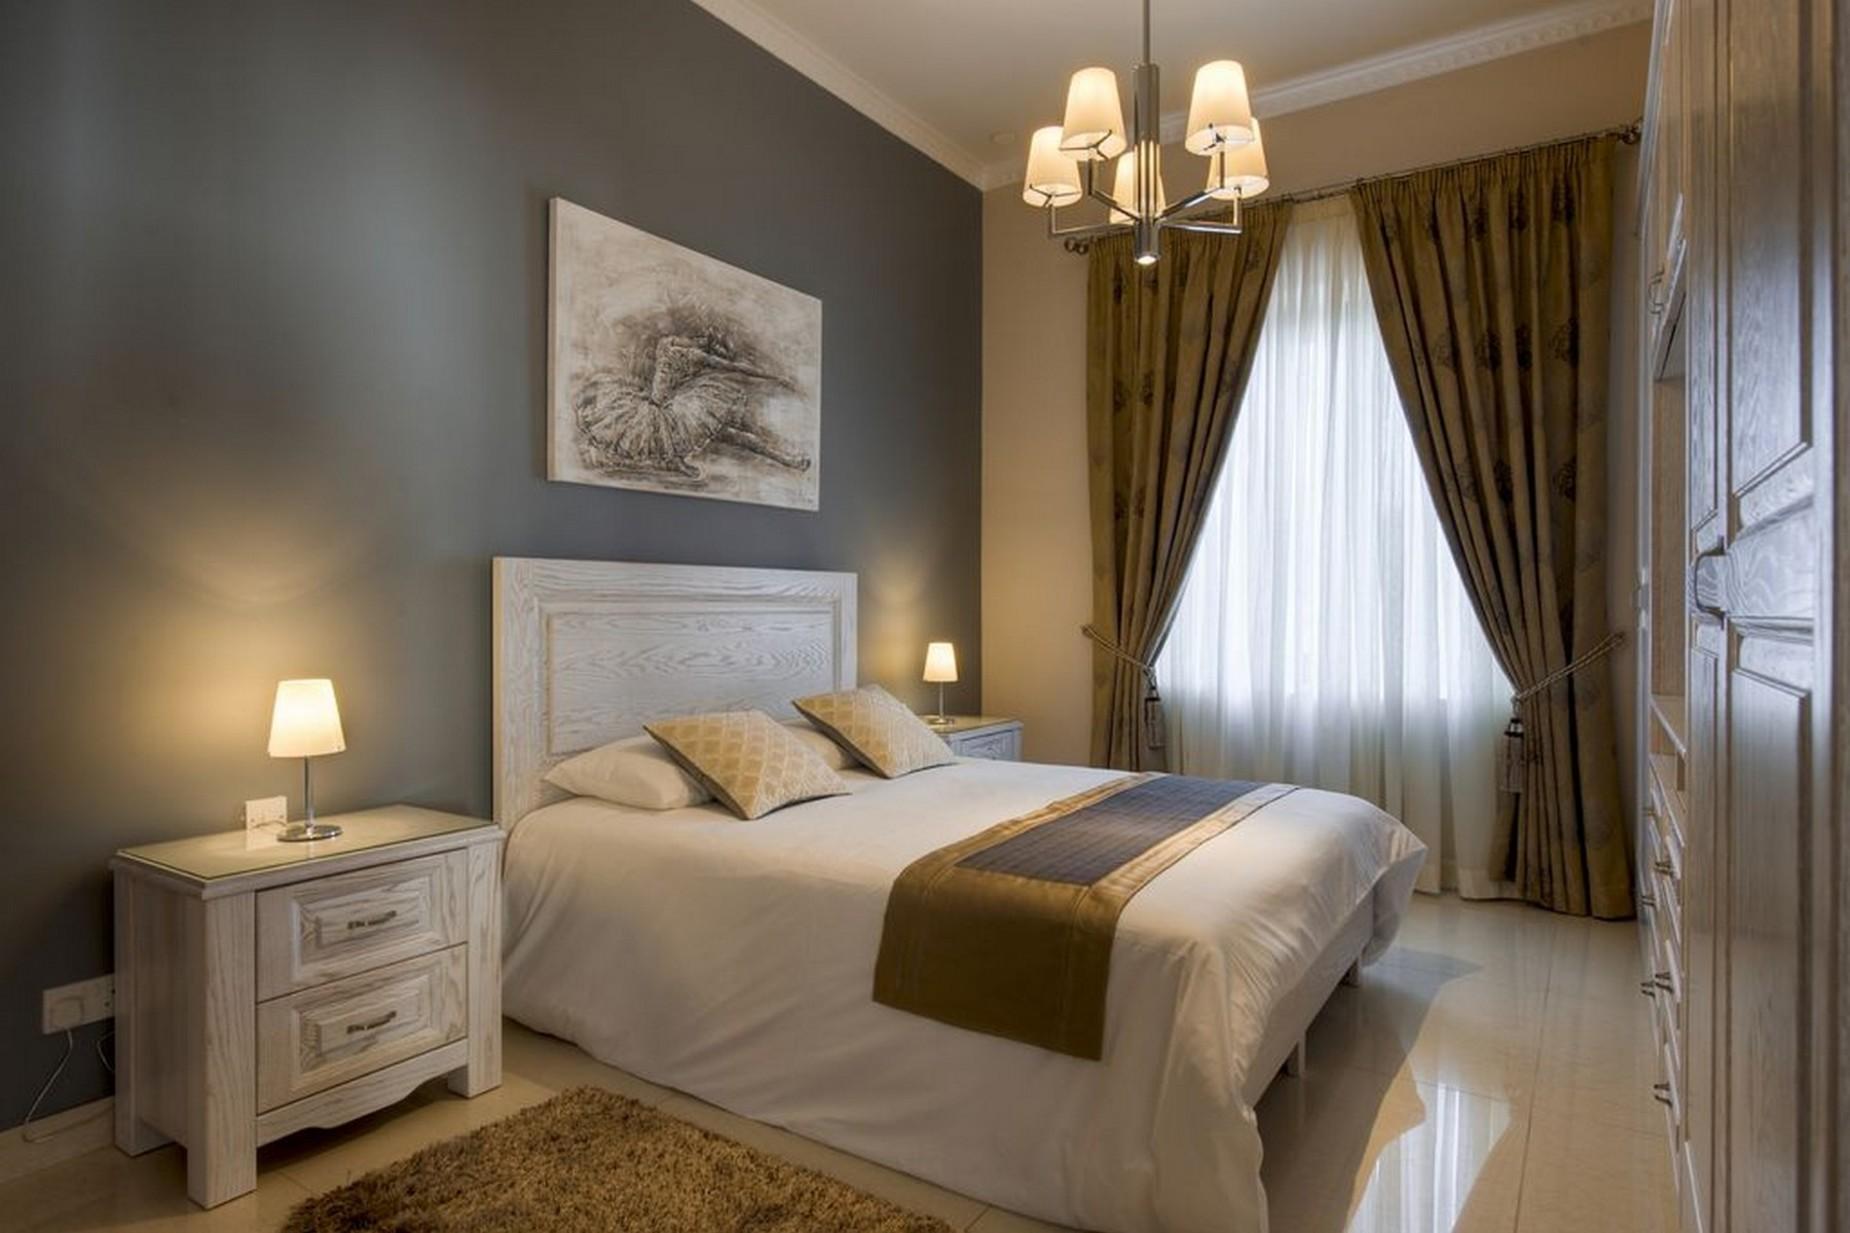 3 bed Villa For Rent in Zurrieq, Zurrieq - thumb 10